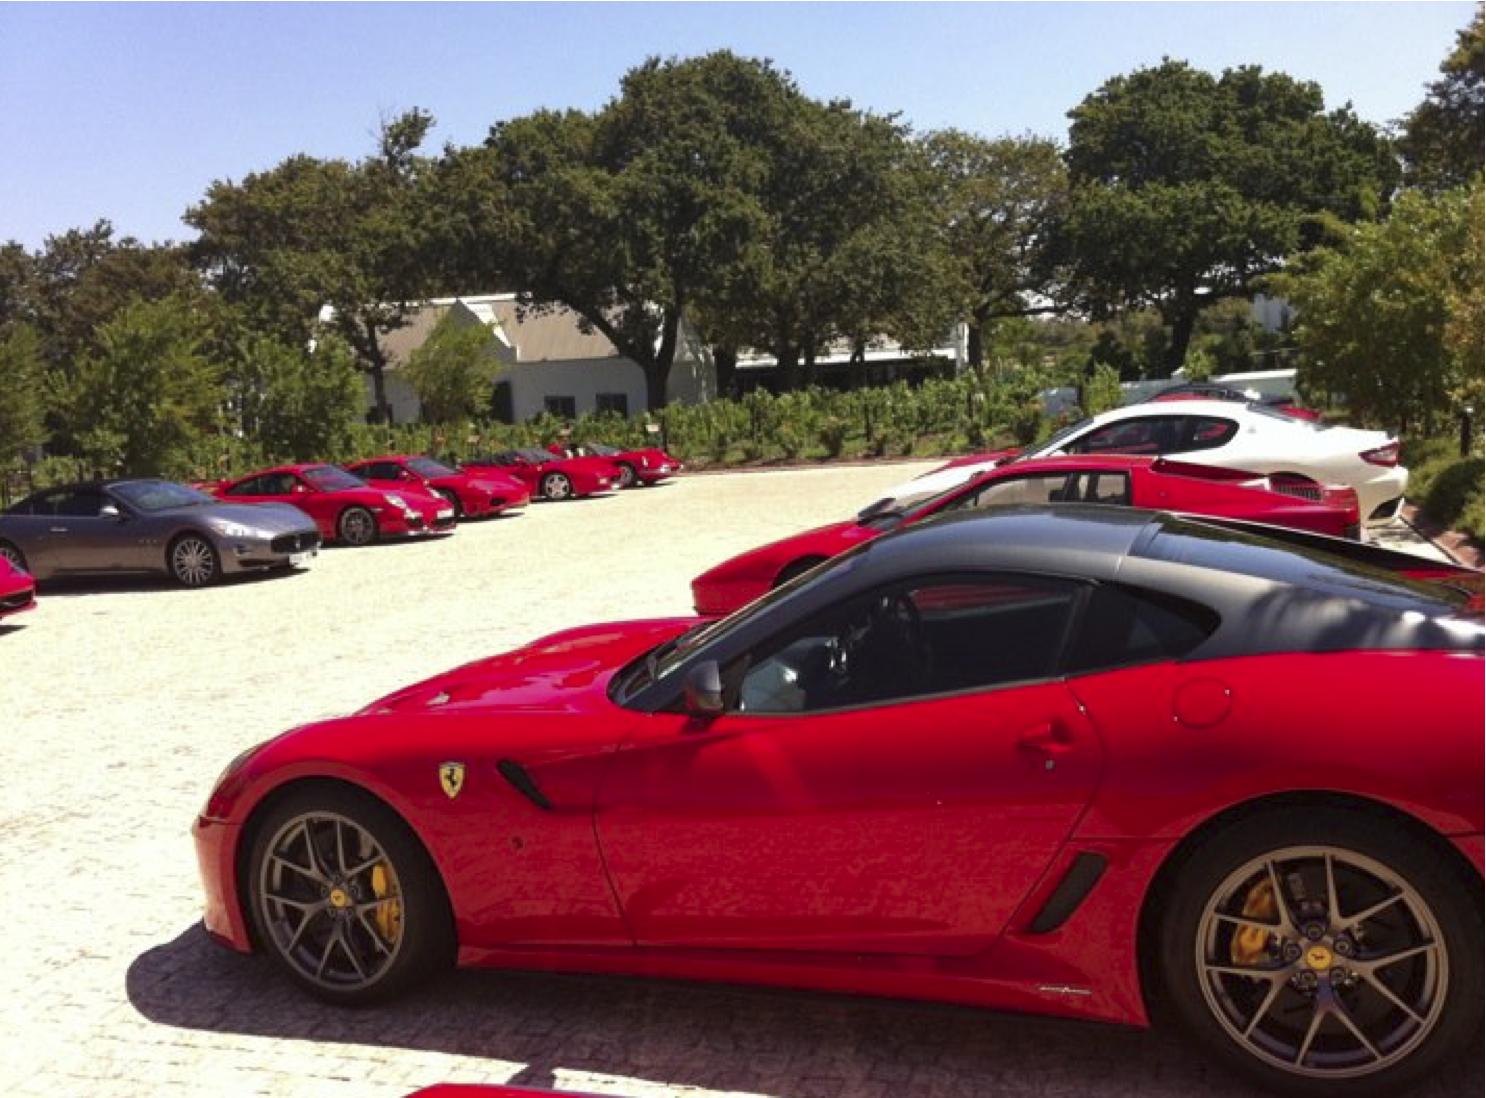 Ferrari Club at La Motte